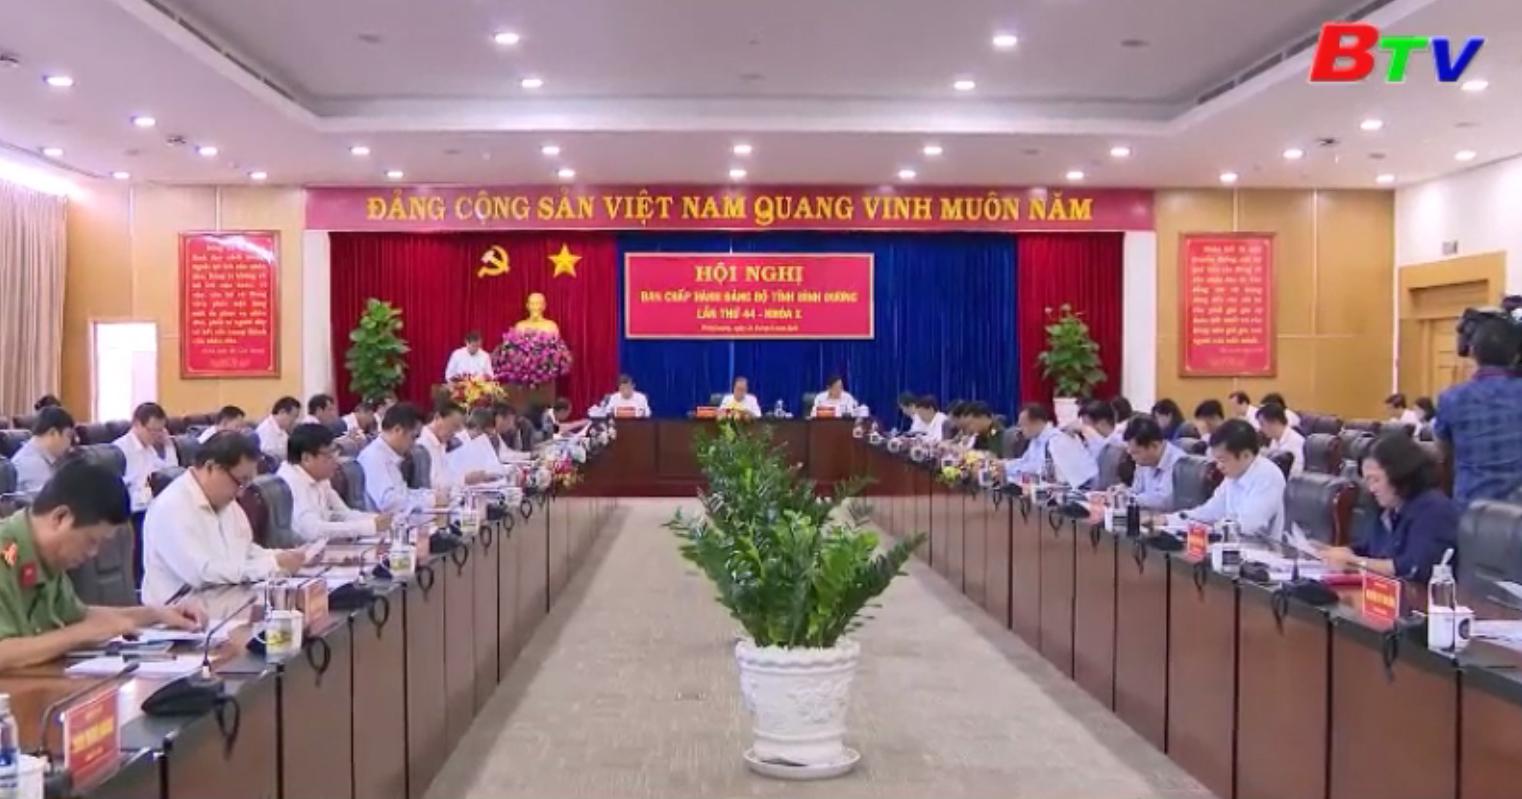 Dự thảo Báo cáo Chính trị trình Đại hội XI nhiệm vụ trọng tâm, đột phá chiến lược nhiệm kỳ 2020 - 2025